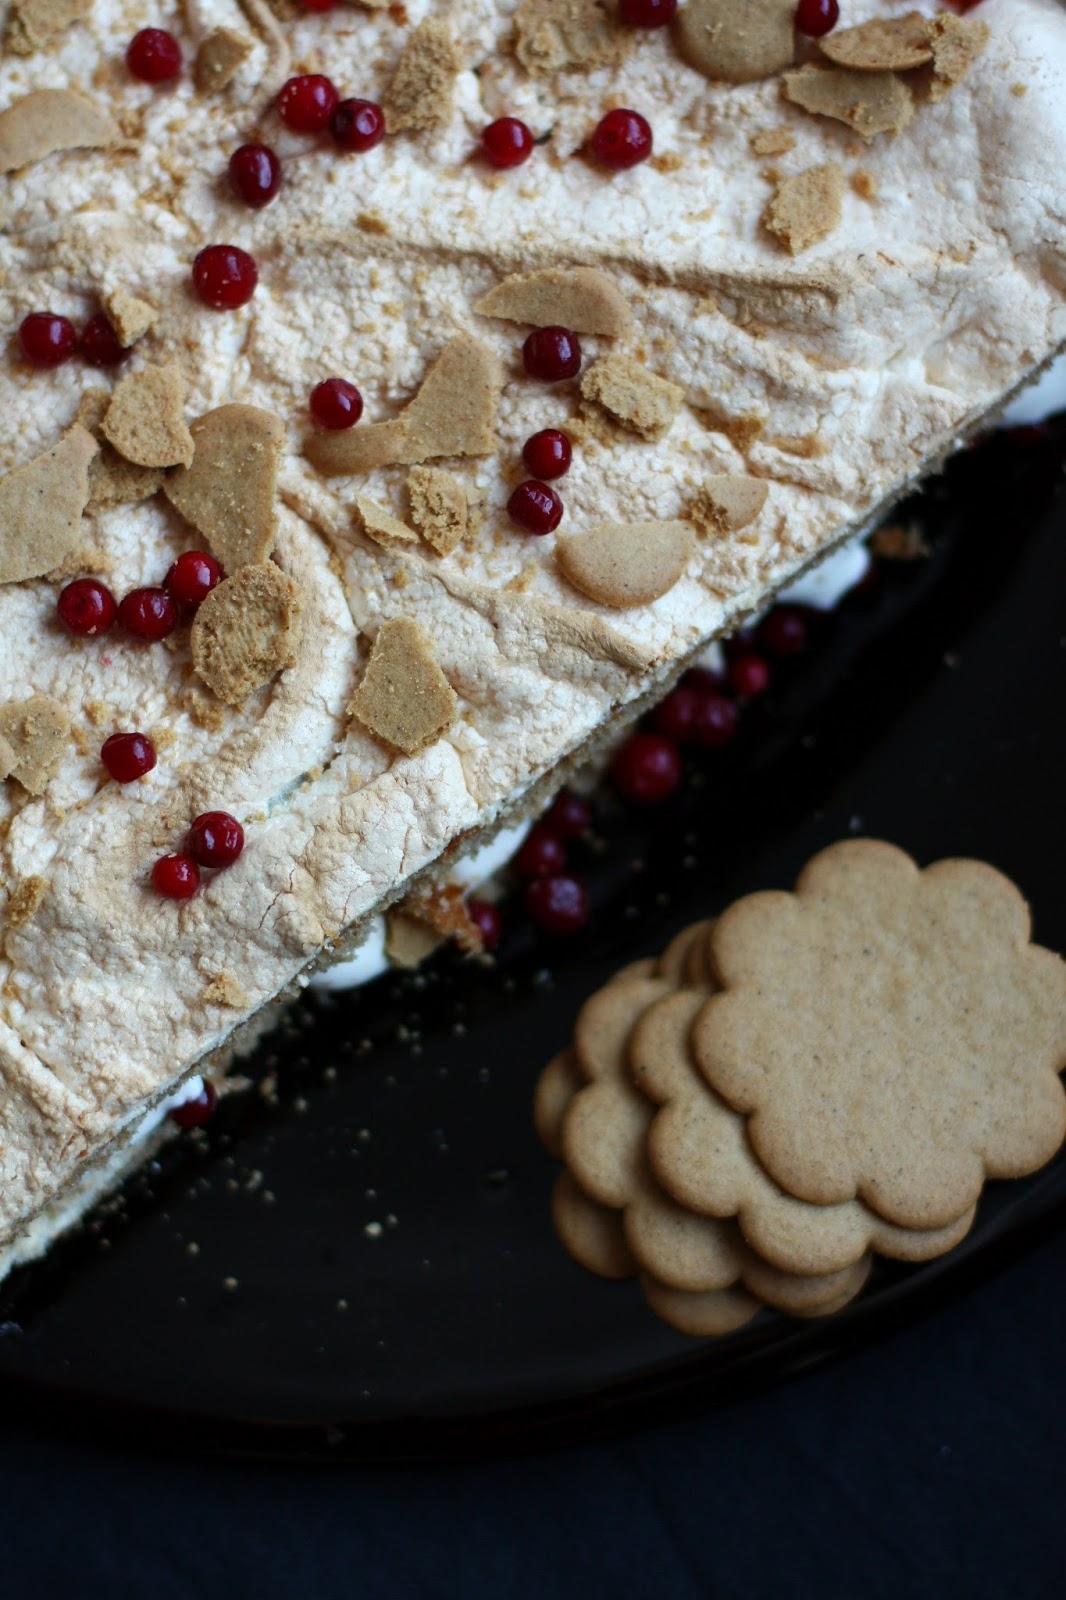 piparibrita britakakku piparkakku joulu leivonta mallaspulla ruokablogi marenki puolukka